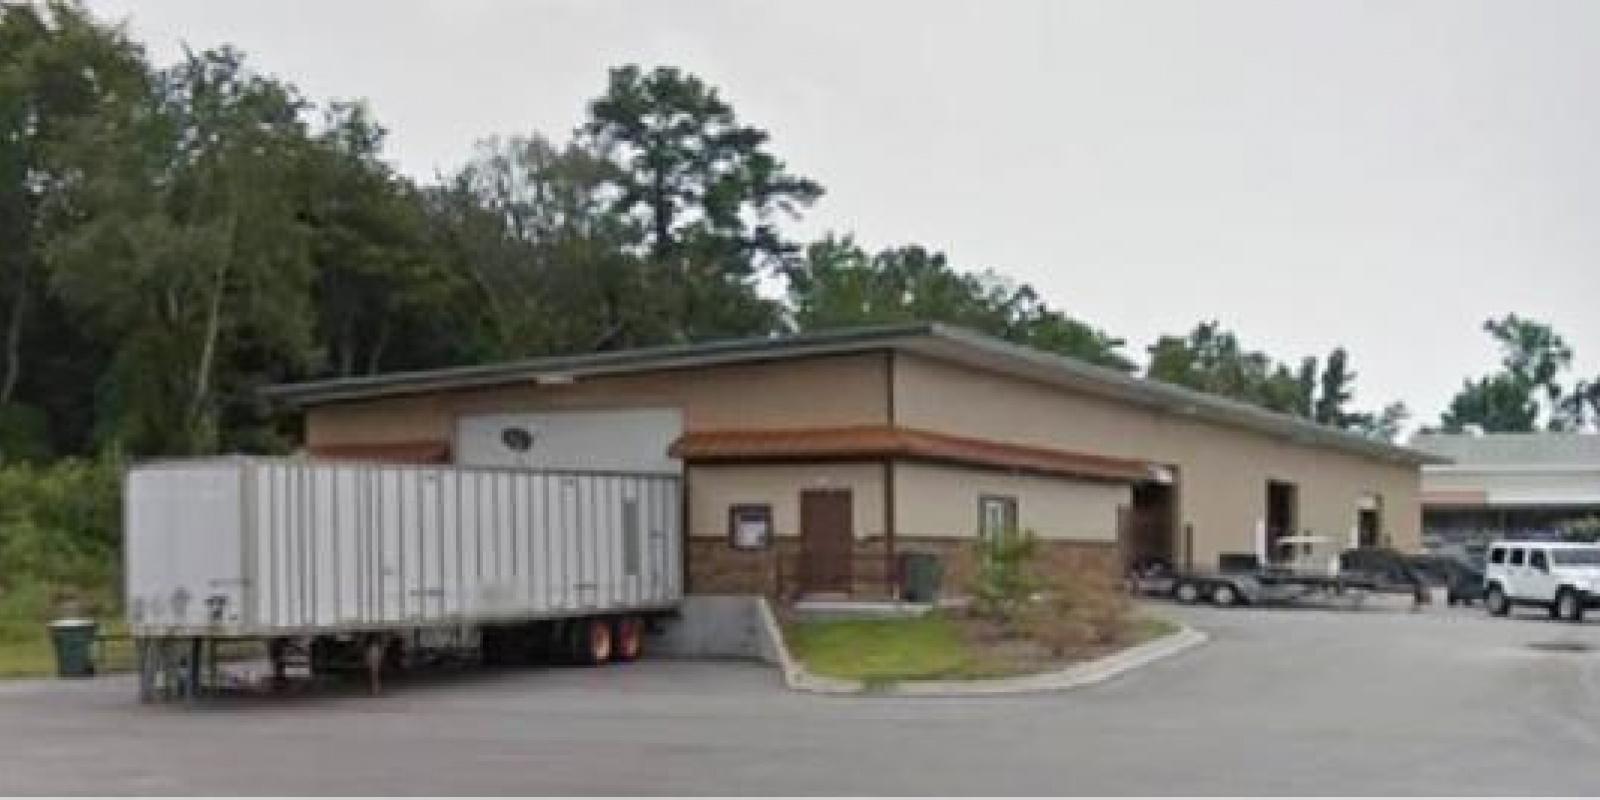 424 Watermill Ridge Road,Longs,South Carolina,29568,Industrial / Flex,Watermill Ridge Road,1330